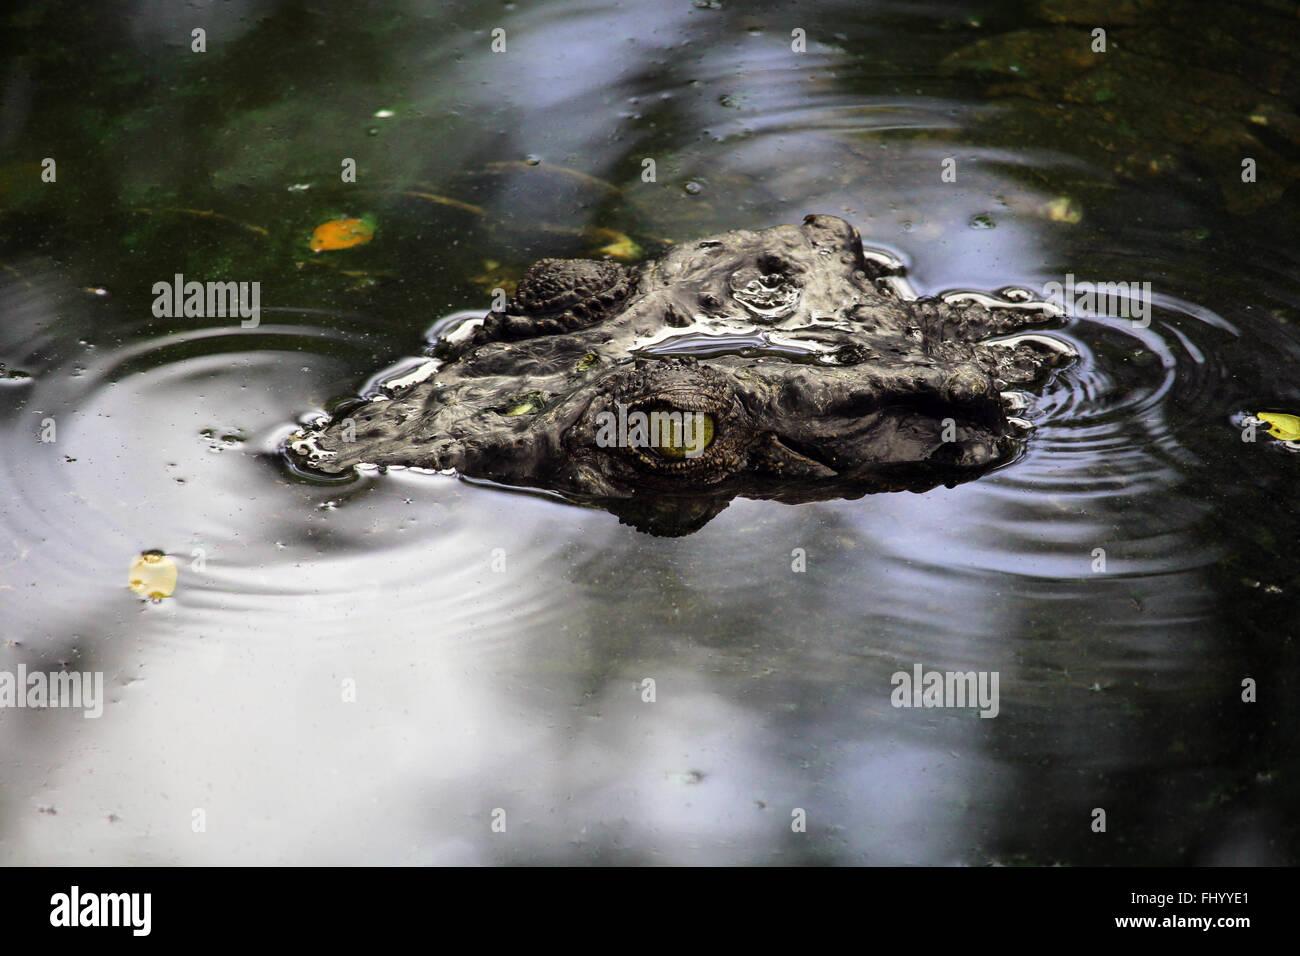 MIRI/MALAYSIA - 24 novembre 2015: un coccodrillo testa di uscire dall'acqua Borneo vicino al confine della Malesia con Brunei Foto Stock